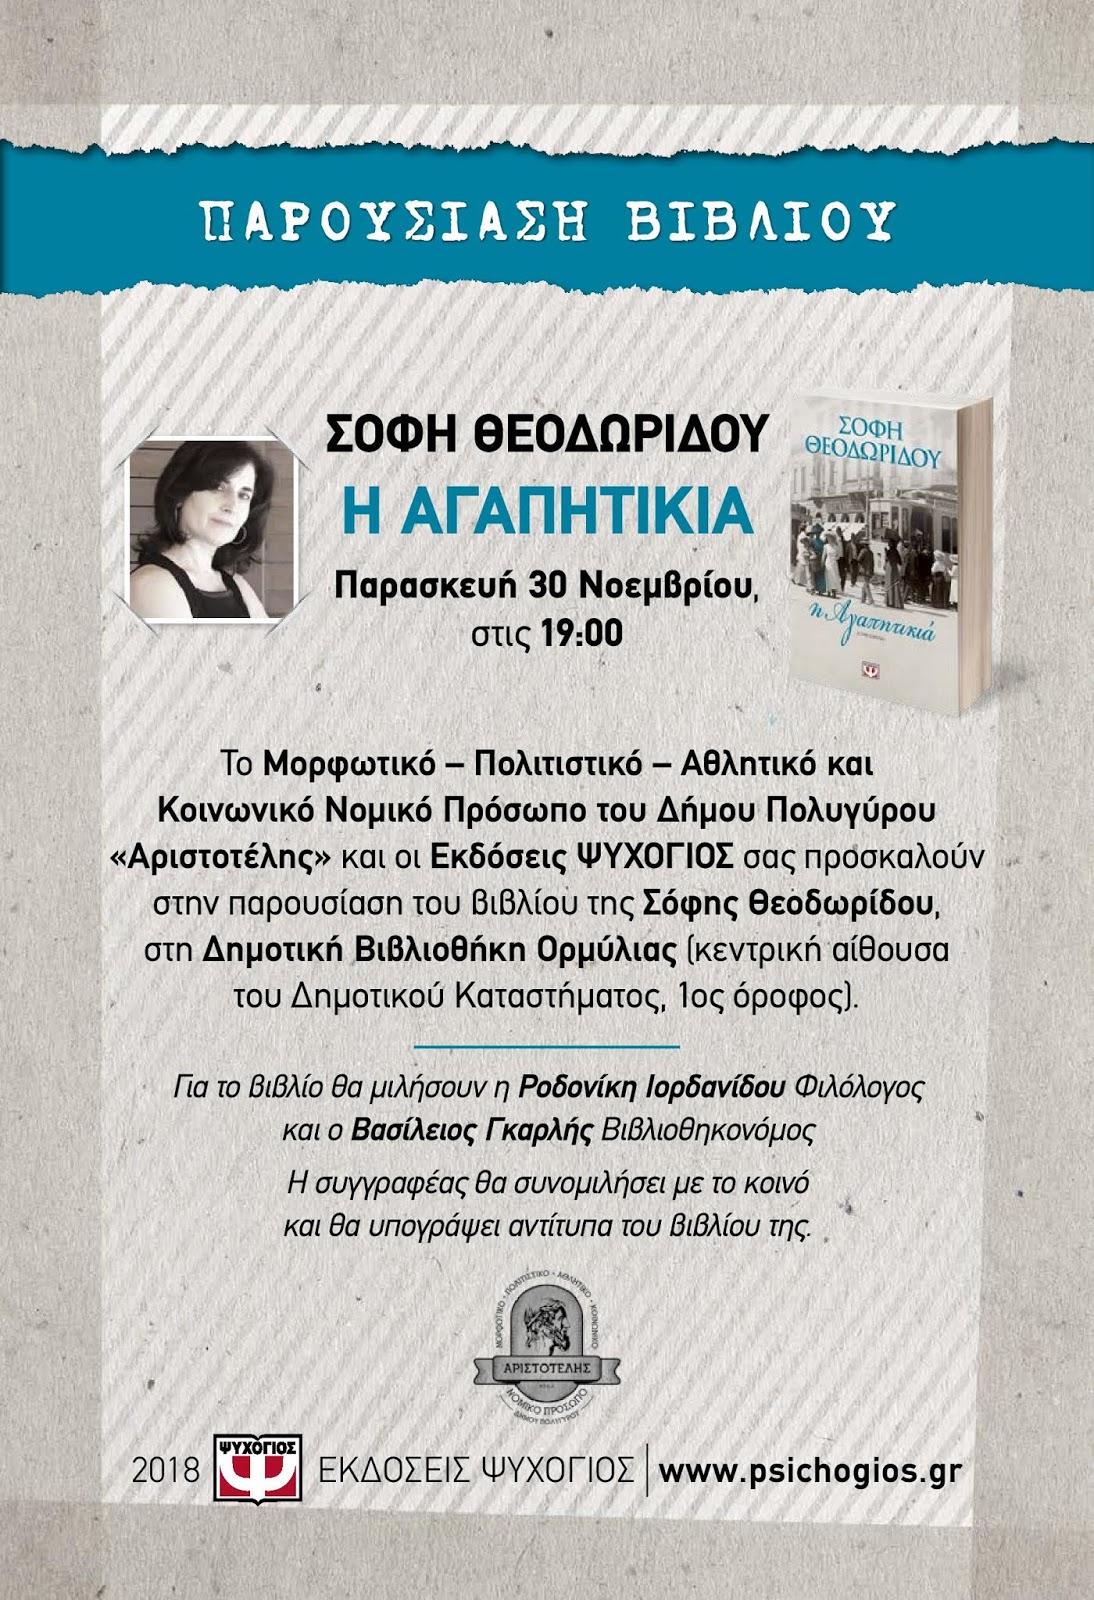 Νέα βιβλιοπαρουσίαση στη Δημοτική Βιβλιοθήκη Ορμύλιας